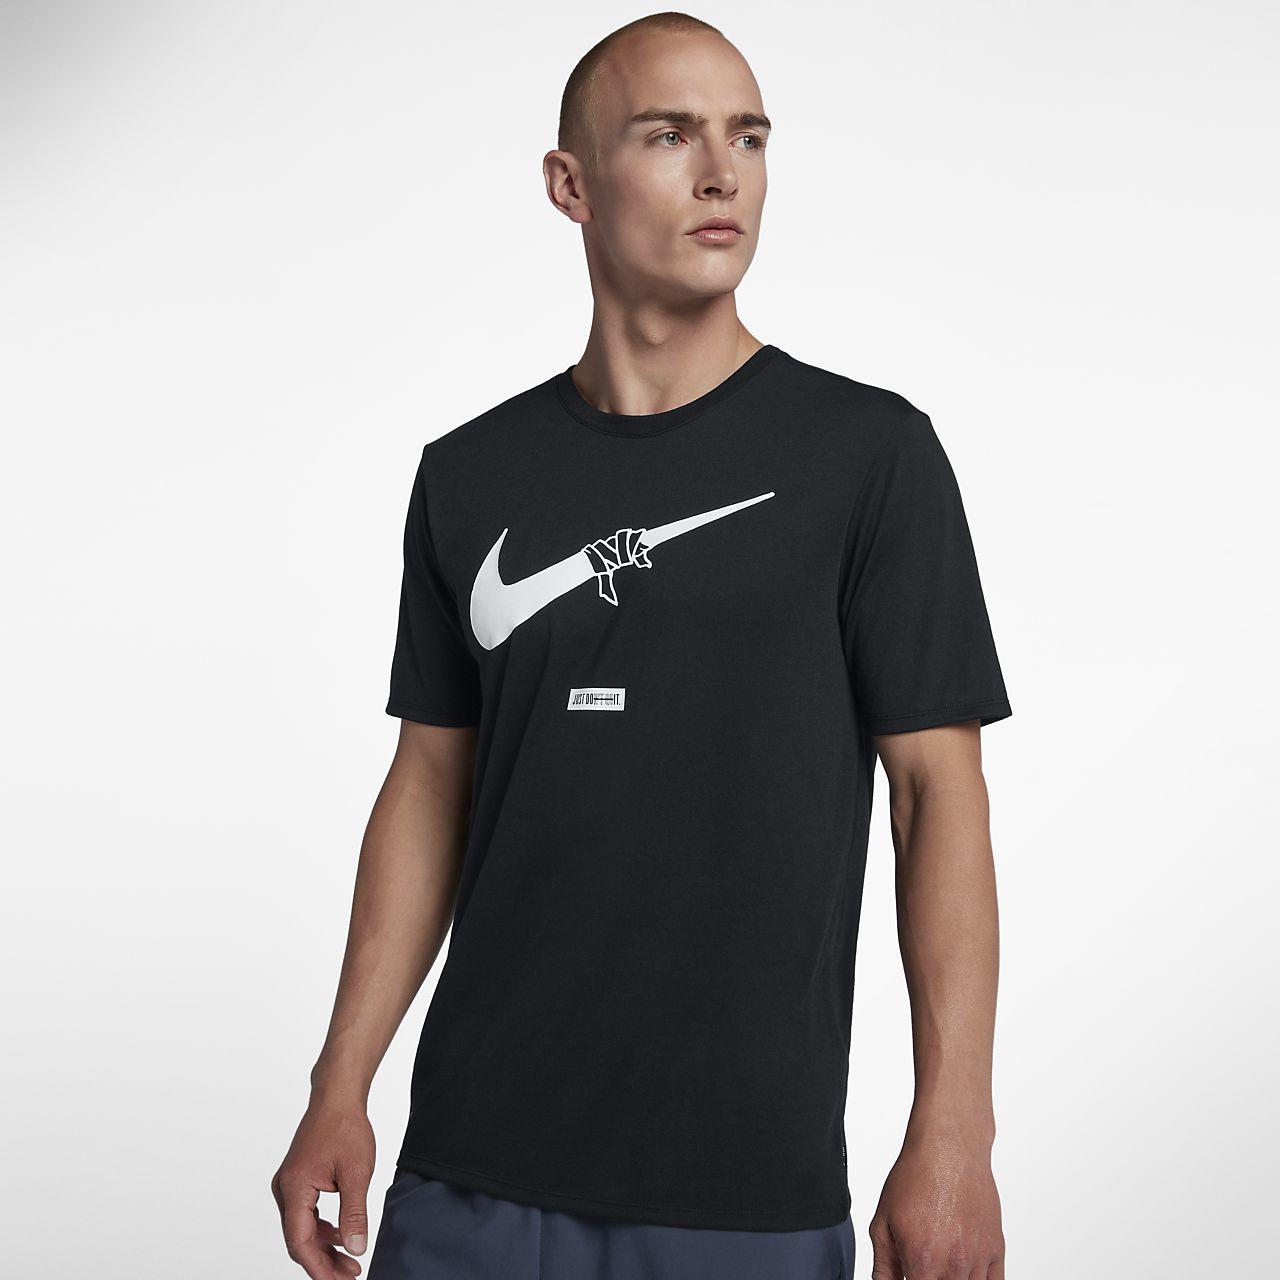 ... Nike Dri-FIT Men's Training T-Shirt